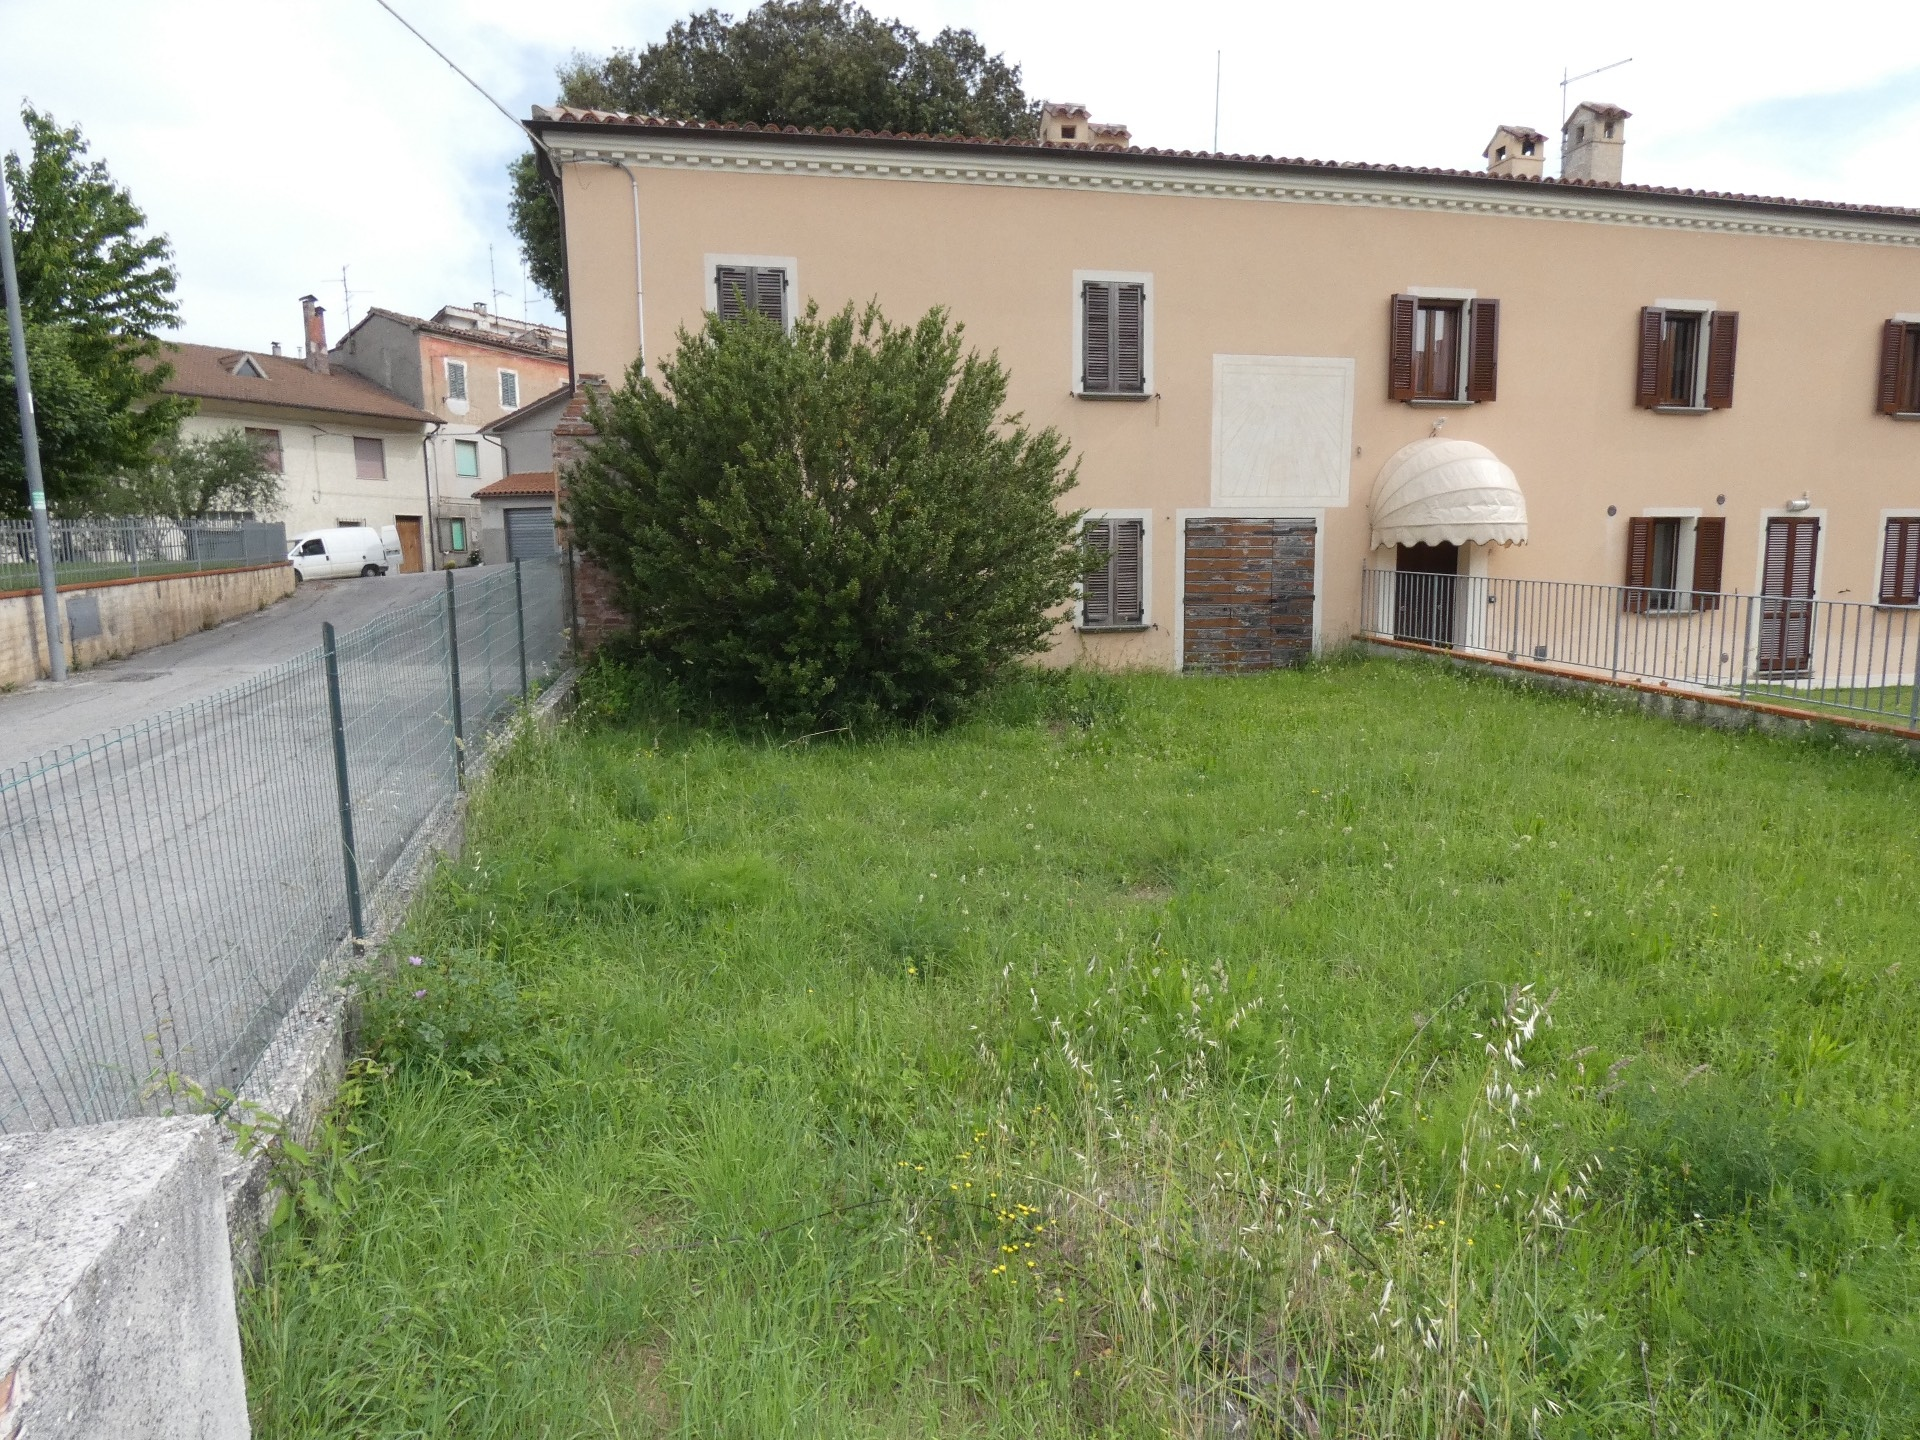 Soluzione Indipendente in vendita a Fabriano, 9 locali, zona Località: FRAZIONI, prezzo € 120.000 | CambioCasa.it